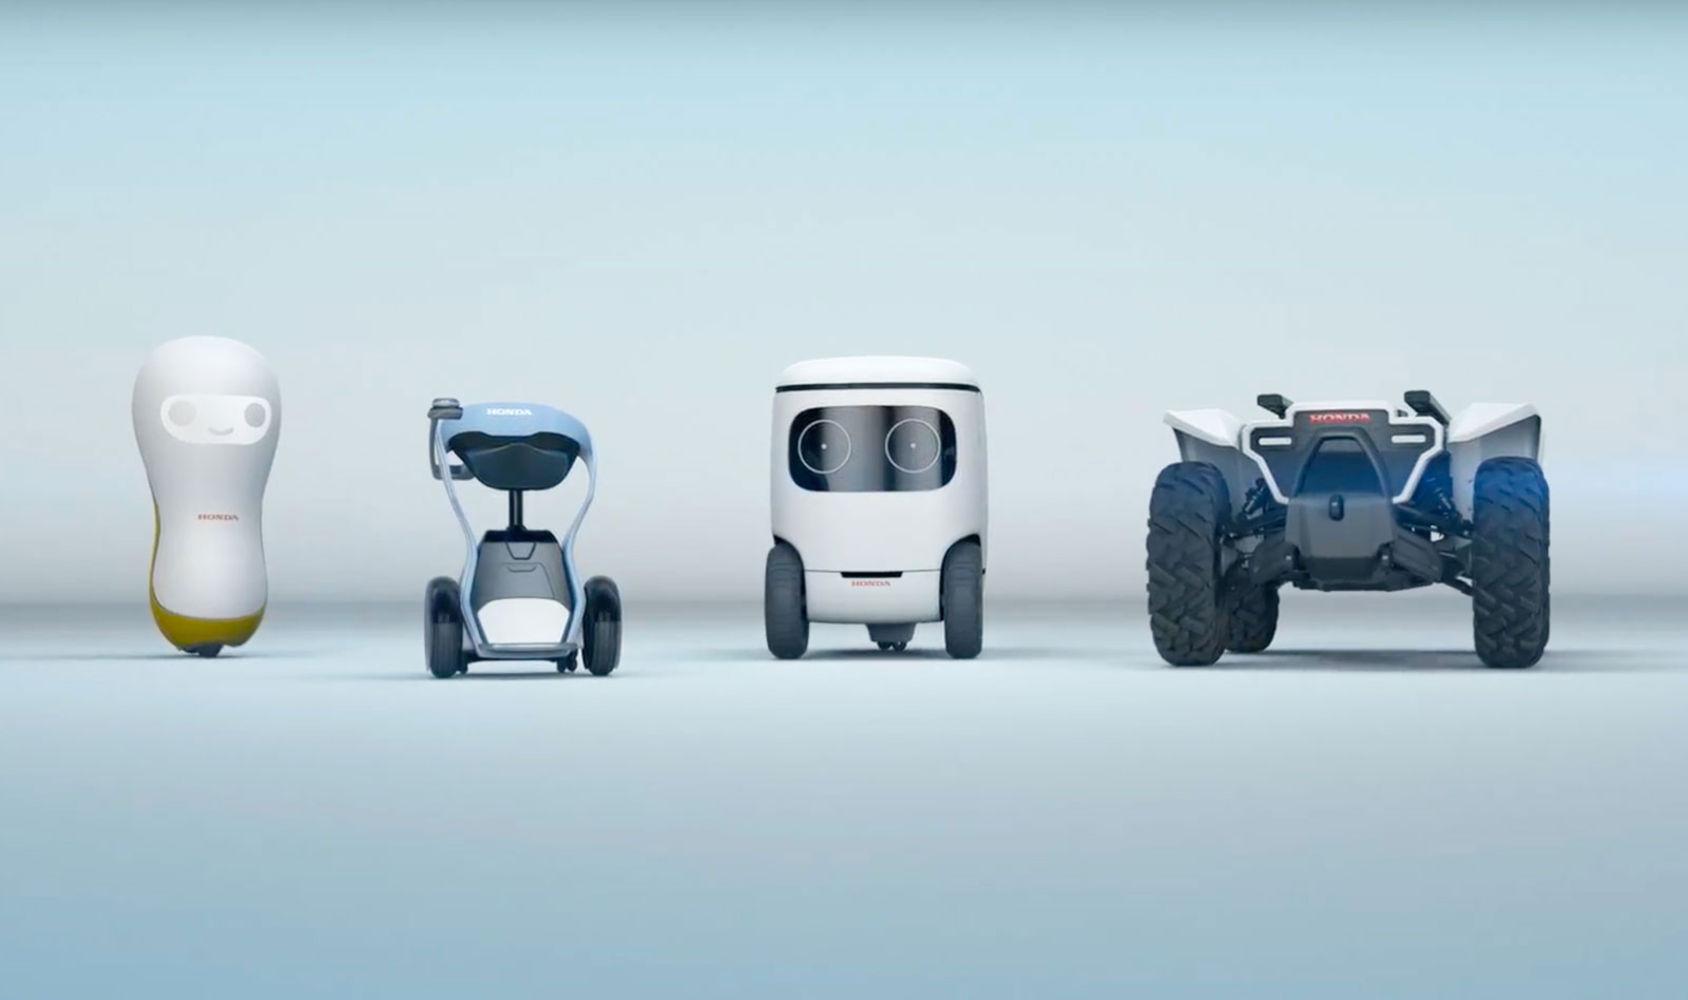 Honda berättar mer om sina fyra robotar